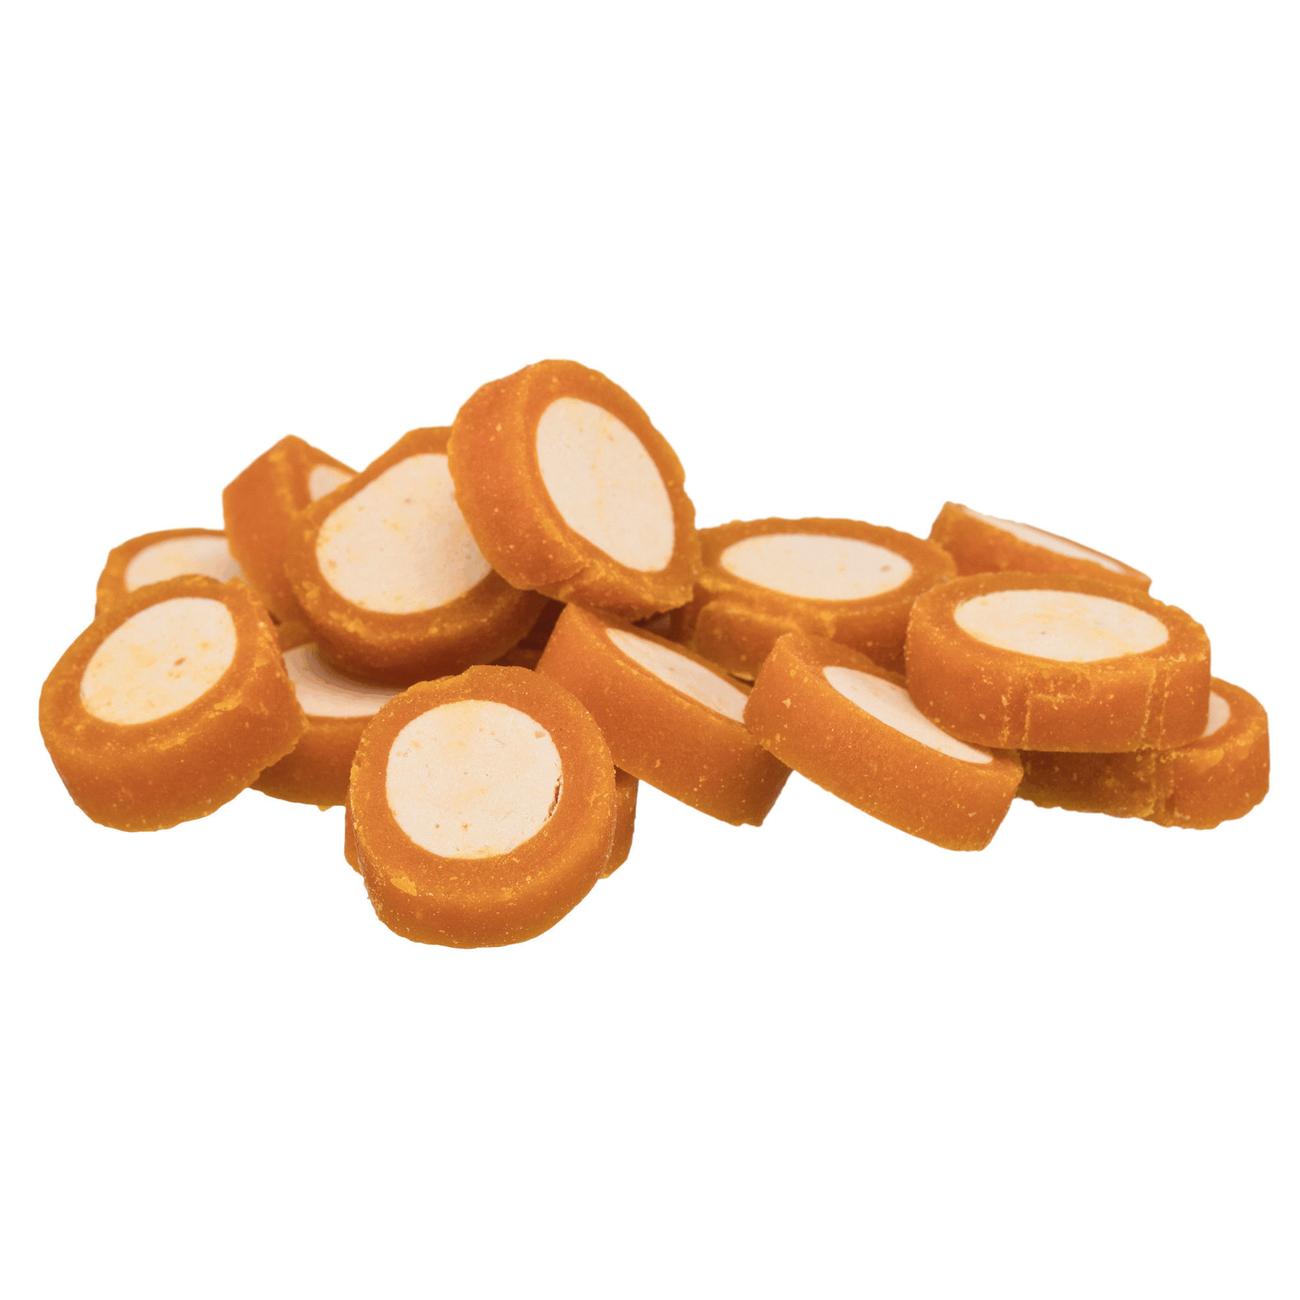 TRIXIE Premio Chicken Cheese Rolls Hundesnack 31589, Bild 2